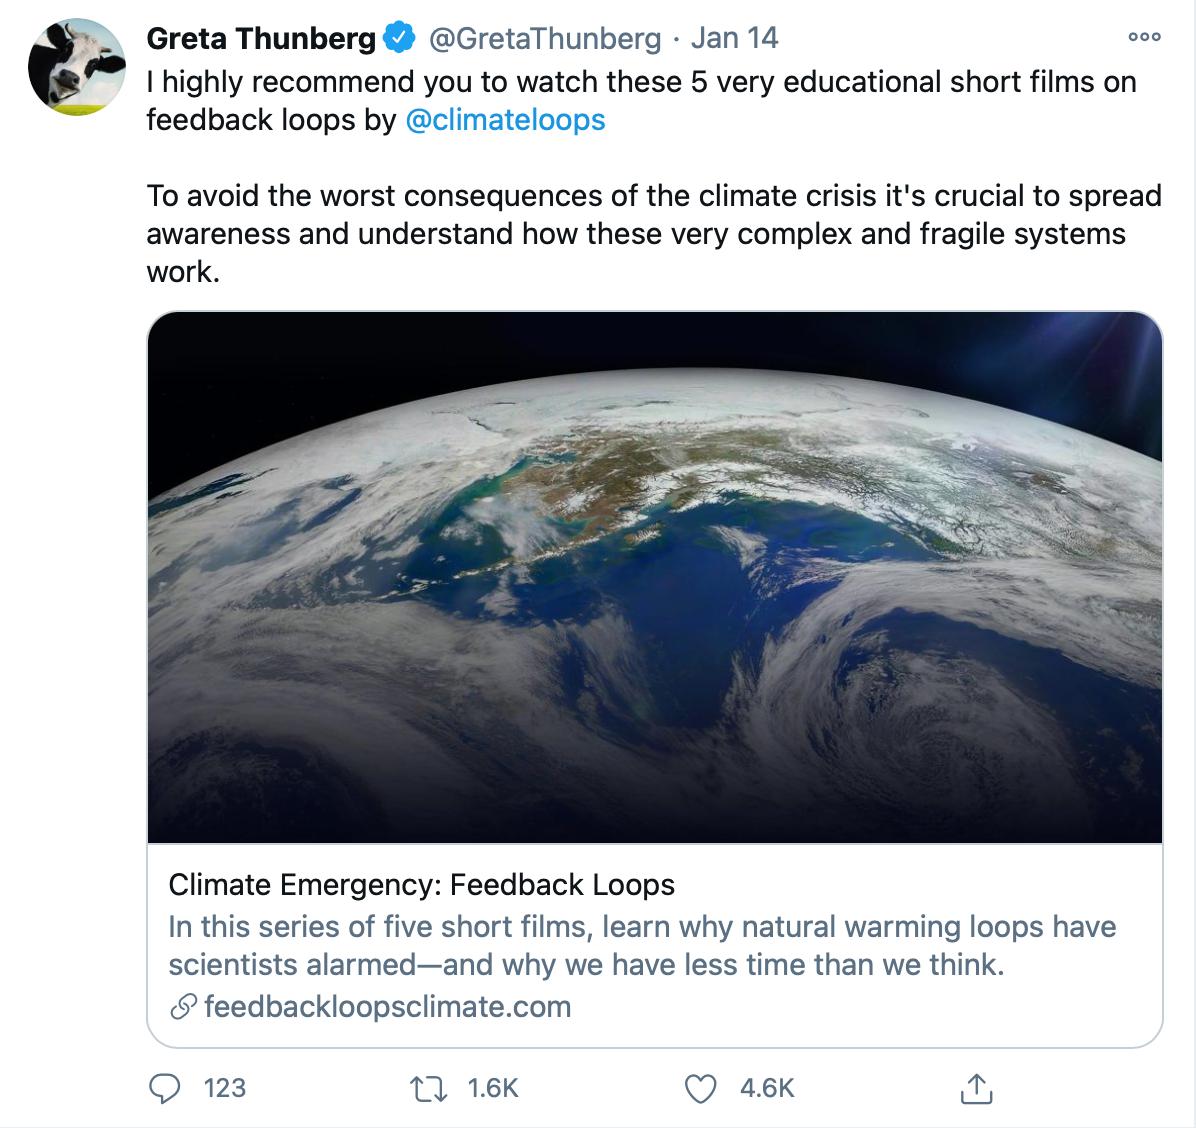 Greta Thunberg Tweet